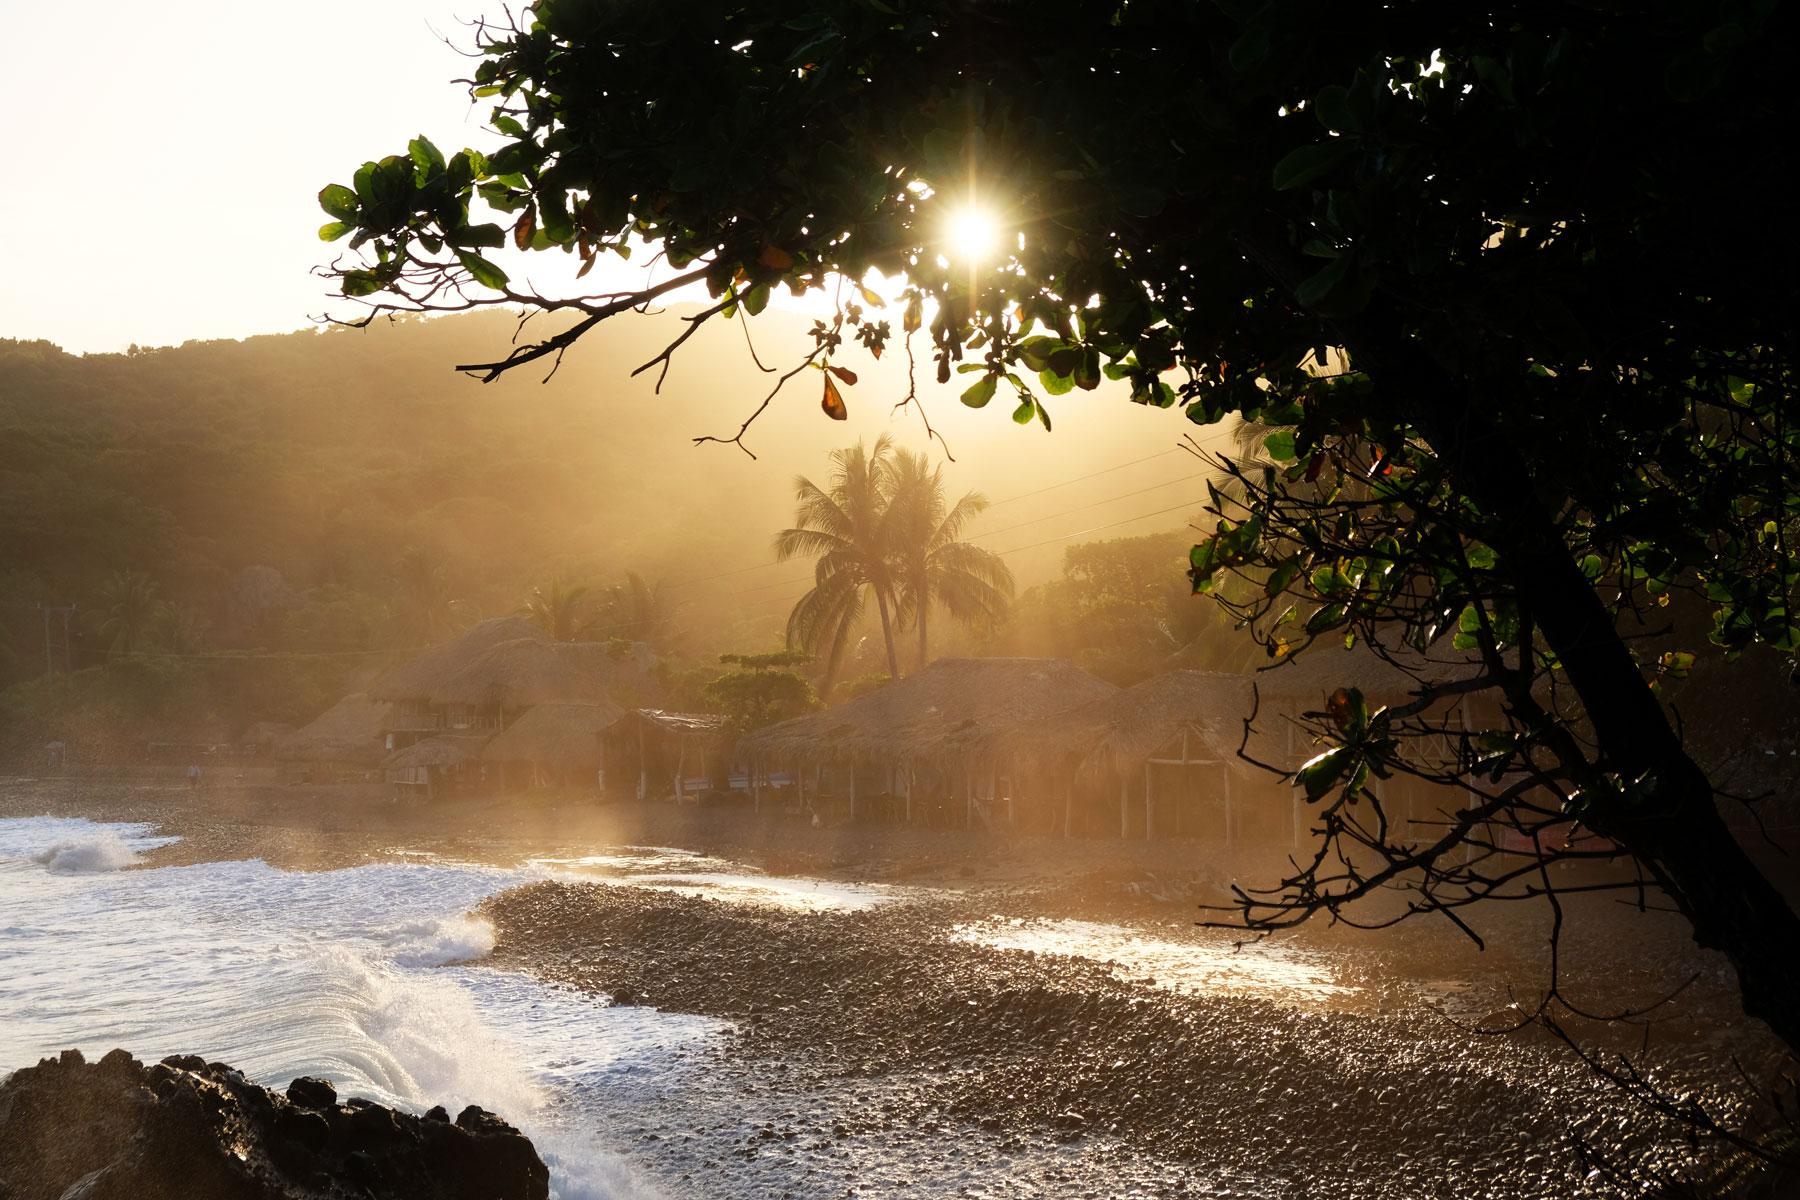 Der Strand El Palmarcito in El Salvador leuchtet golden im Licht der untergehenden Sonne.